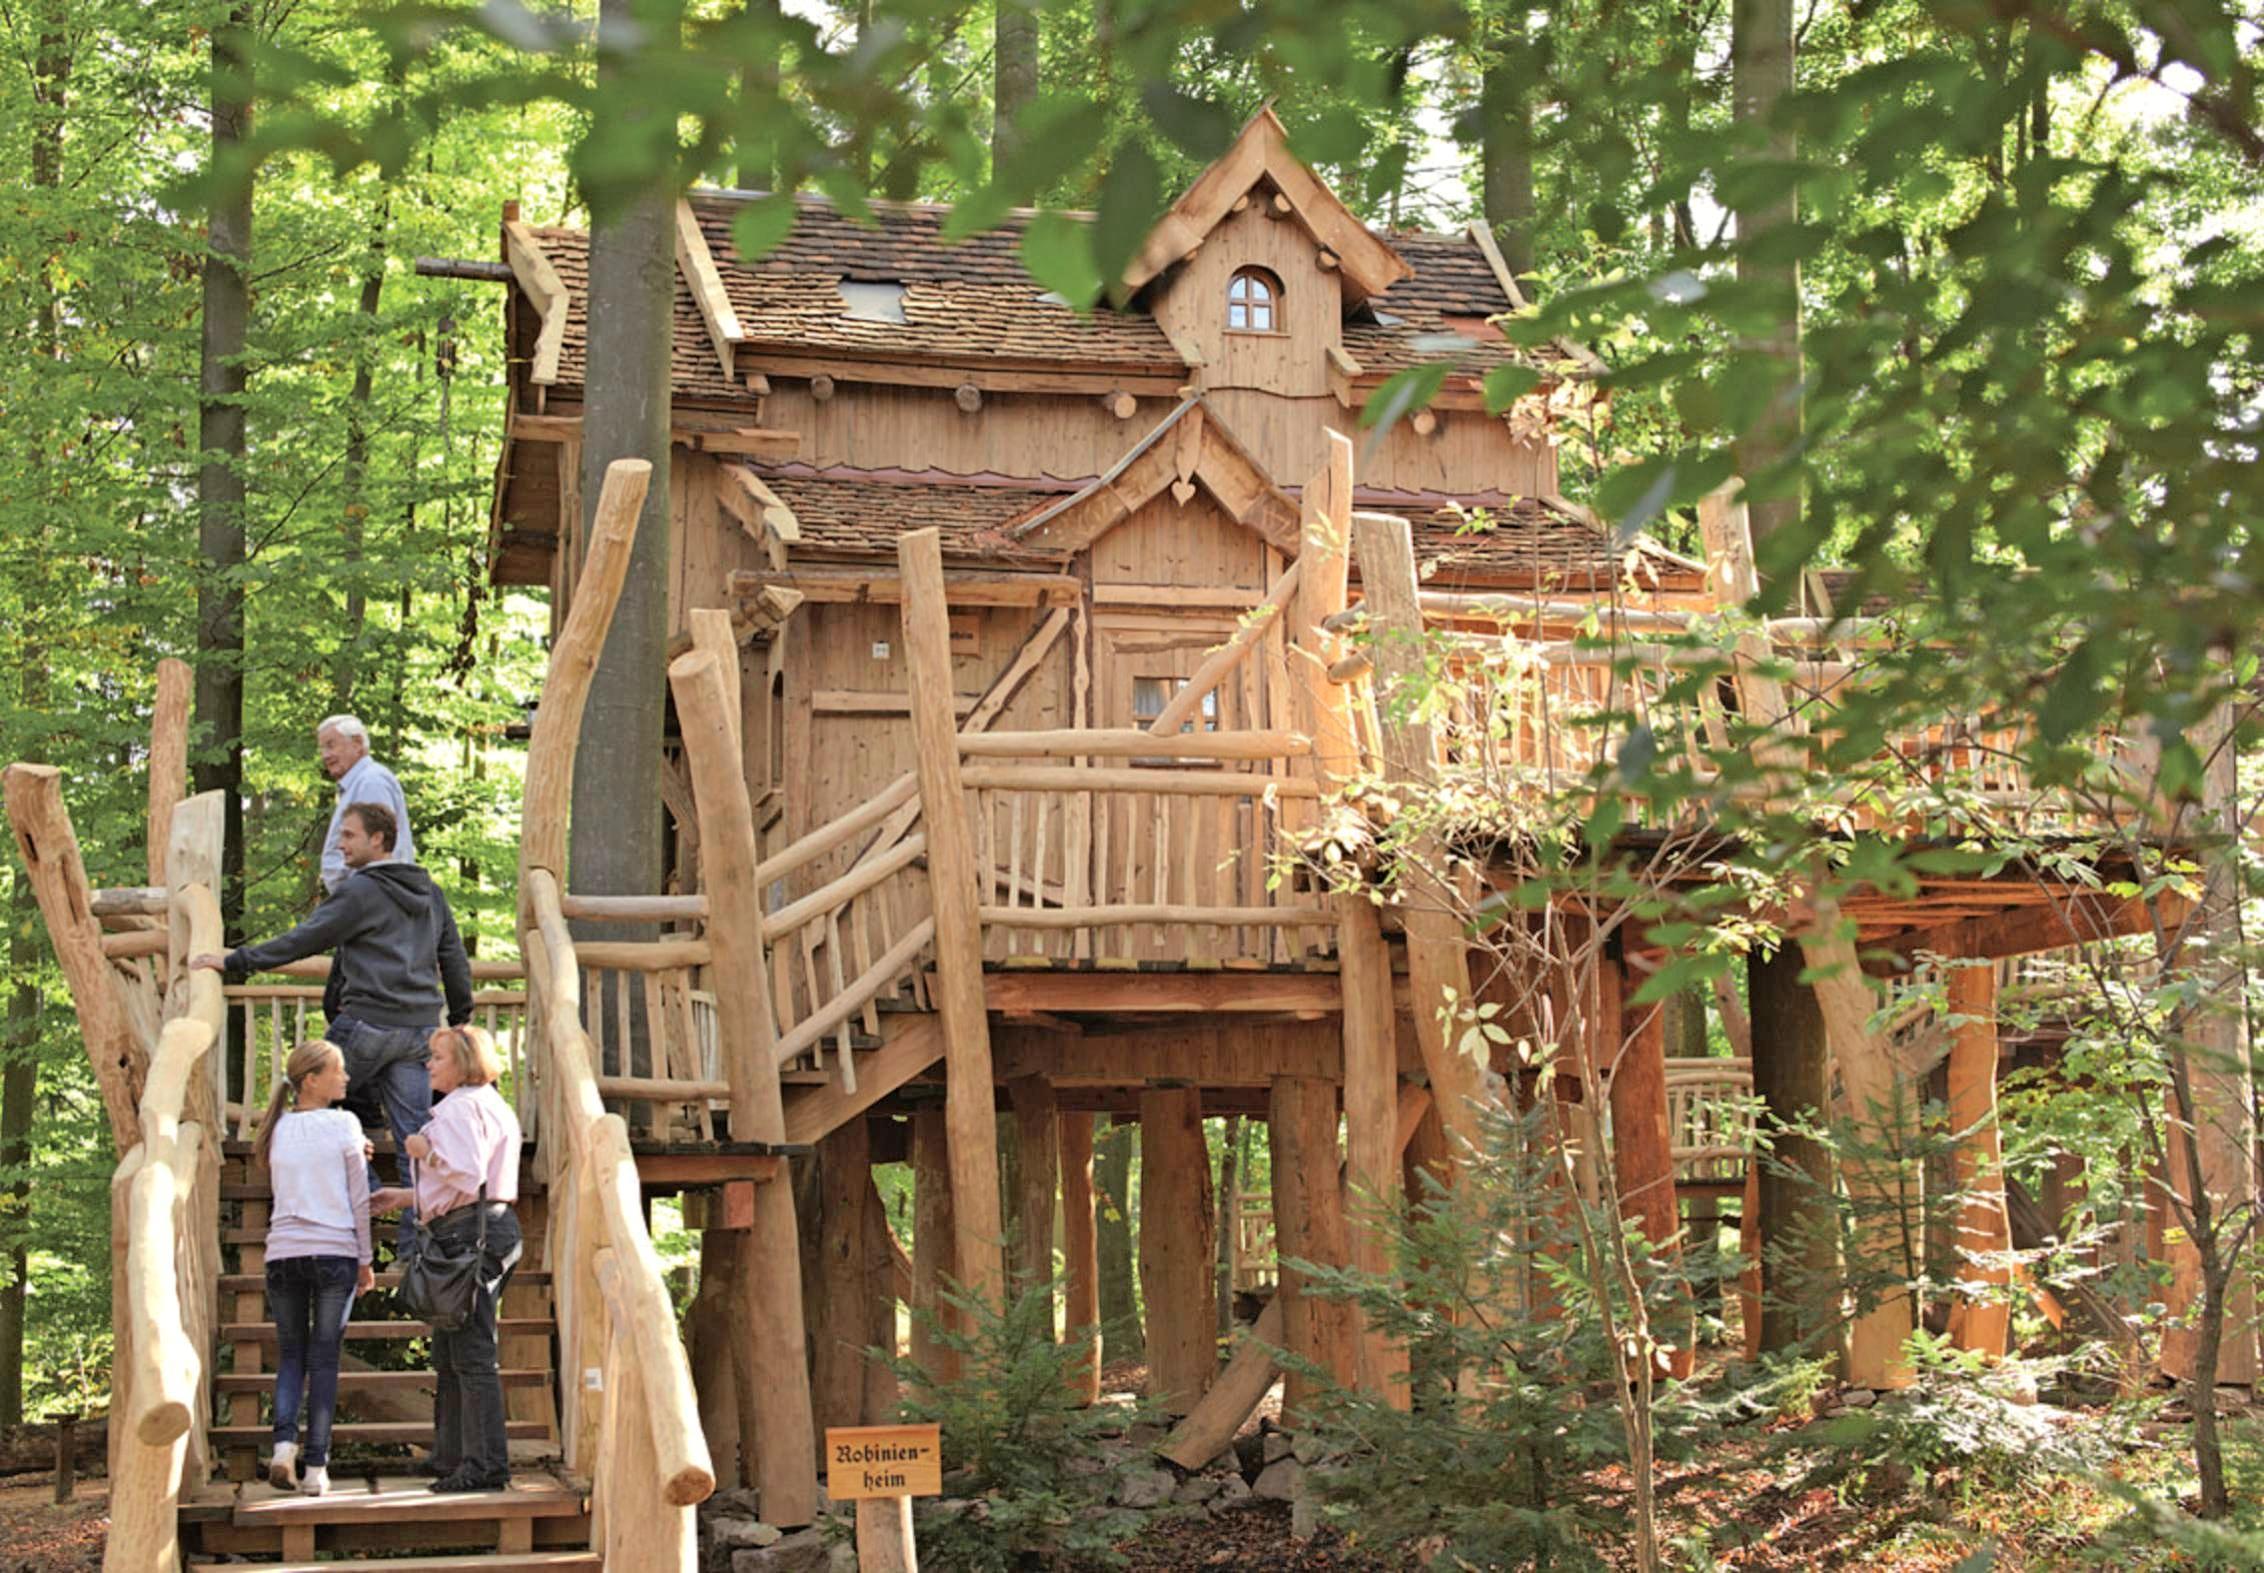 In den komfortabel eingerichteten Baumhäusern können Gäste in bis zu fünf Meter Höhe nächtigen.